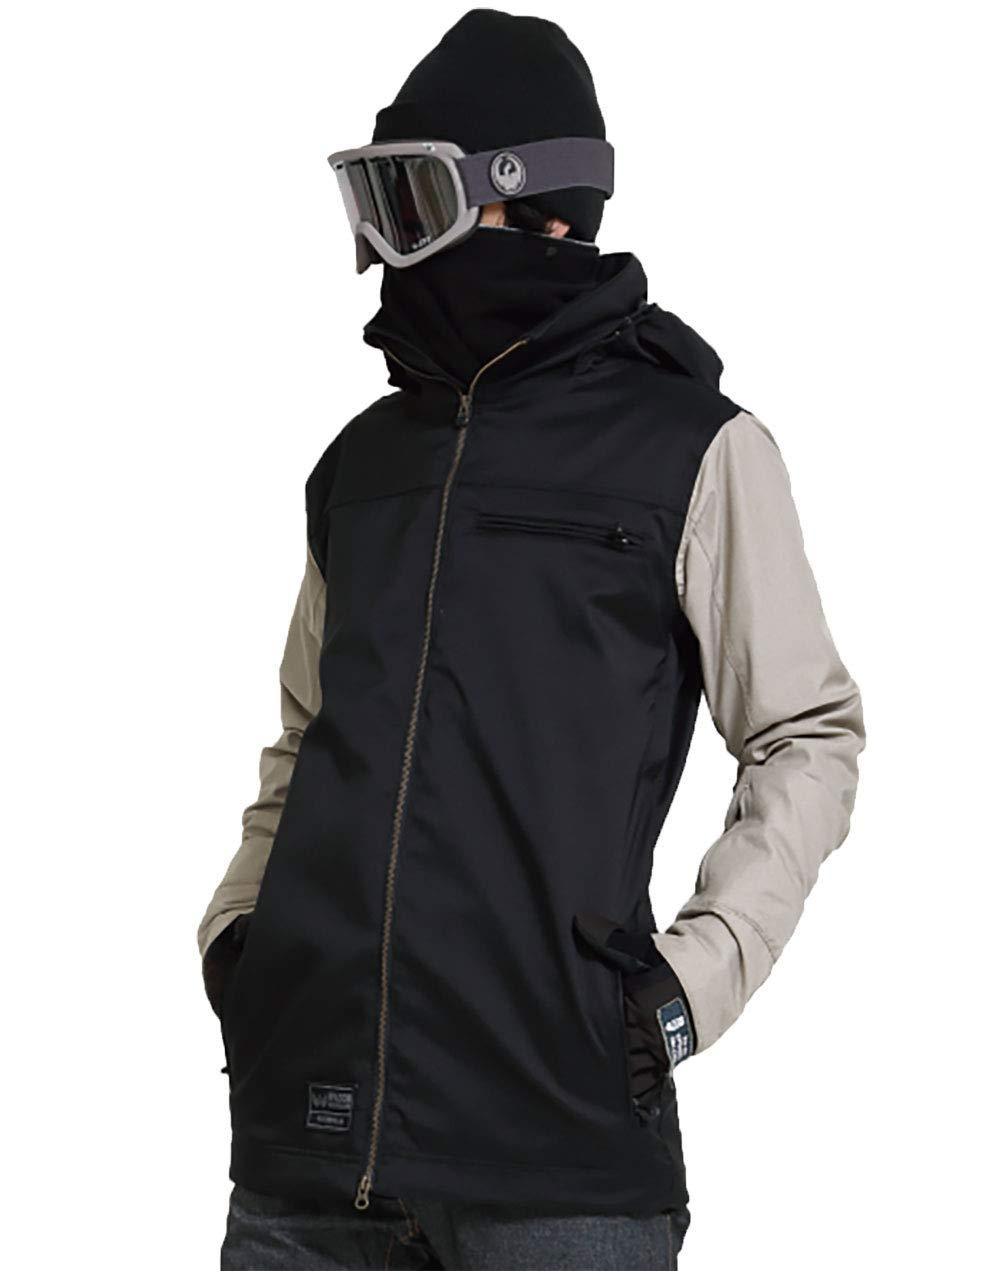 19-20 WACON スノーボードウェア メンズ EDGE エッジ JACKET ワコン スノボジャケット BLK_SAND XL